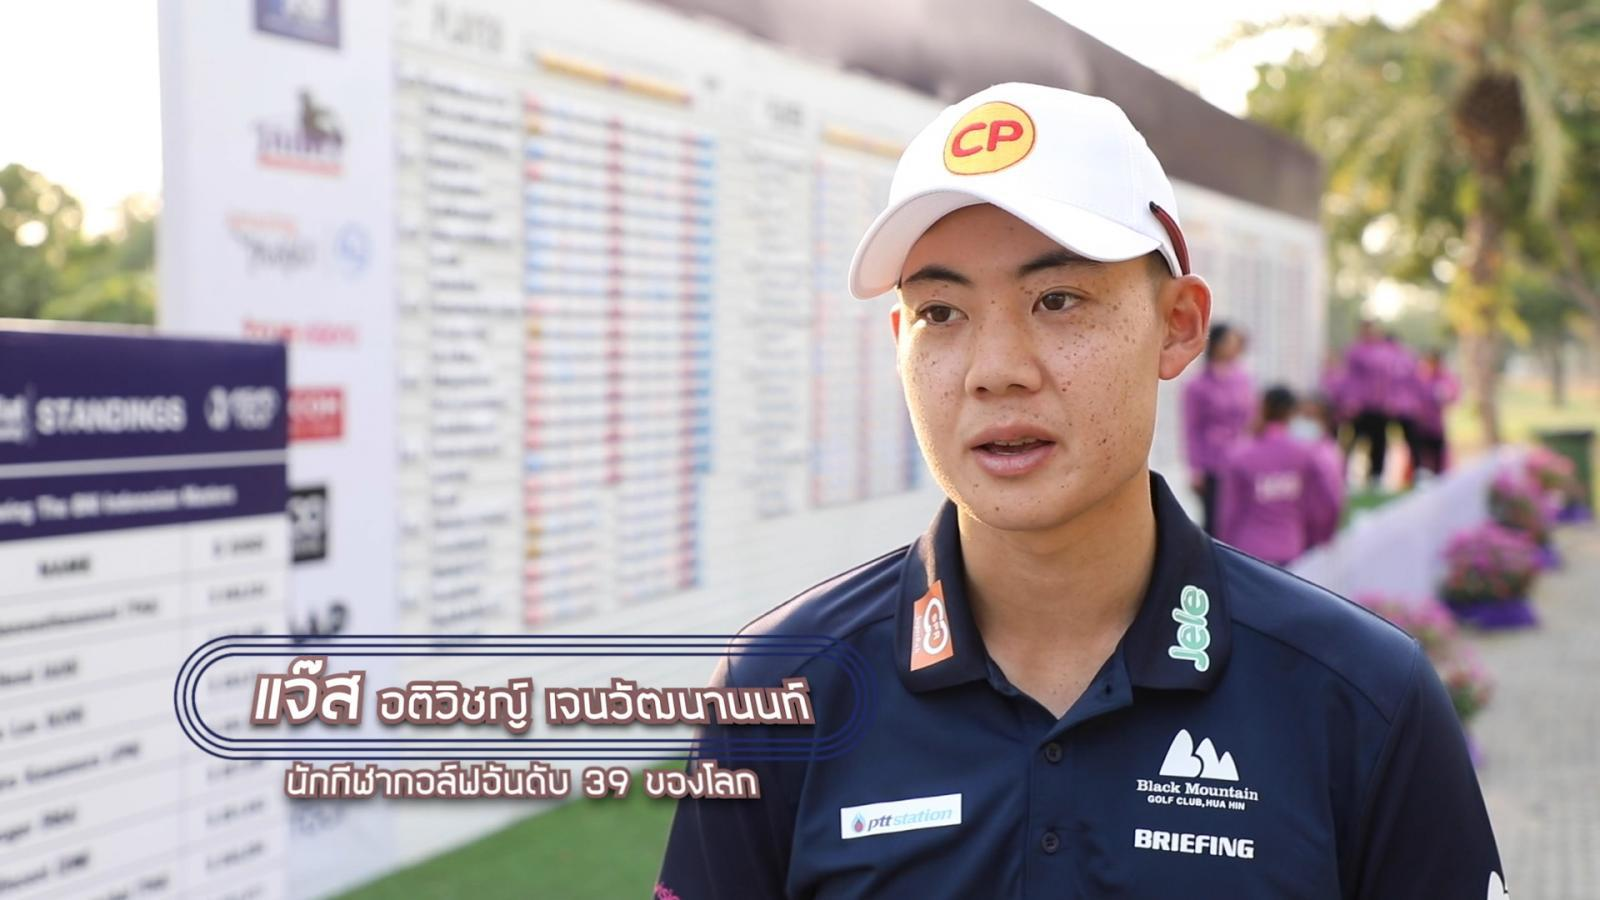 โปรดาวรุ่งมือ 1 ของไทย อติวิชญ์ เจนวัฒนานนท์